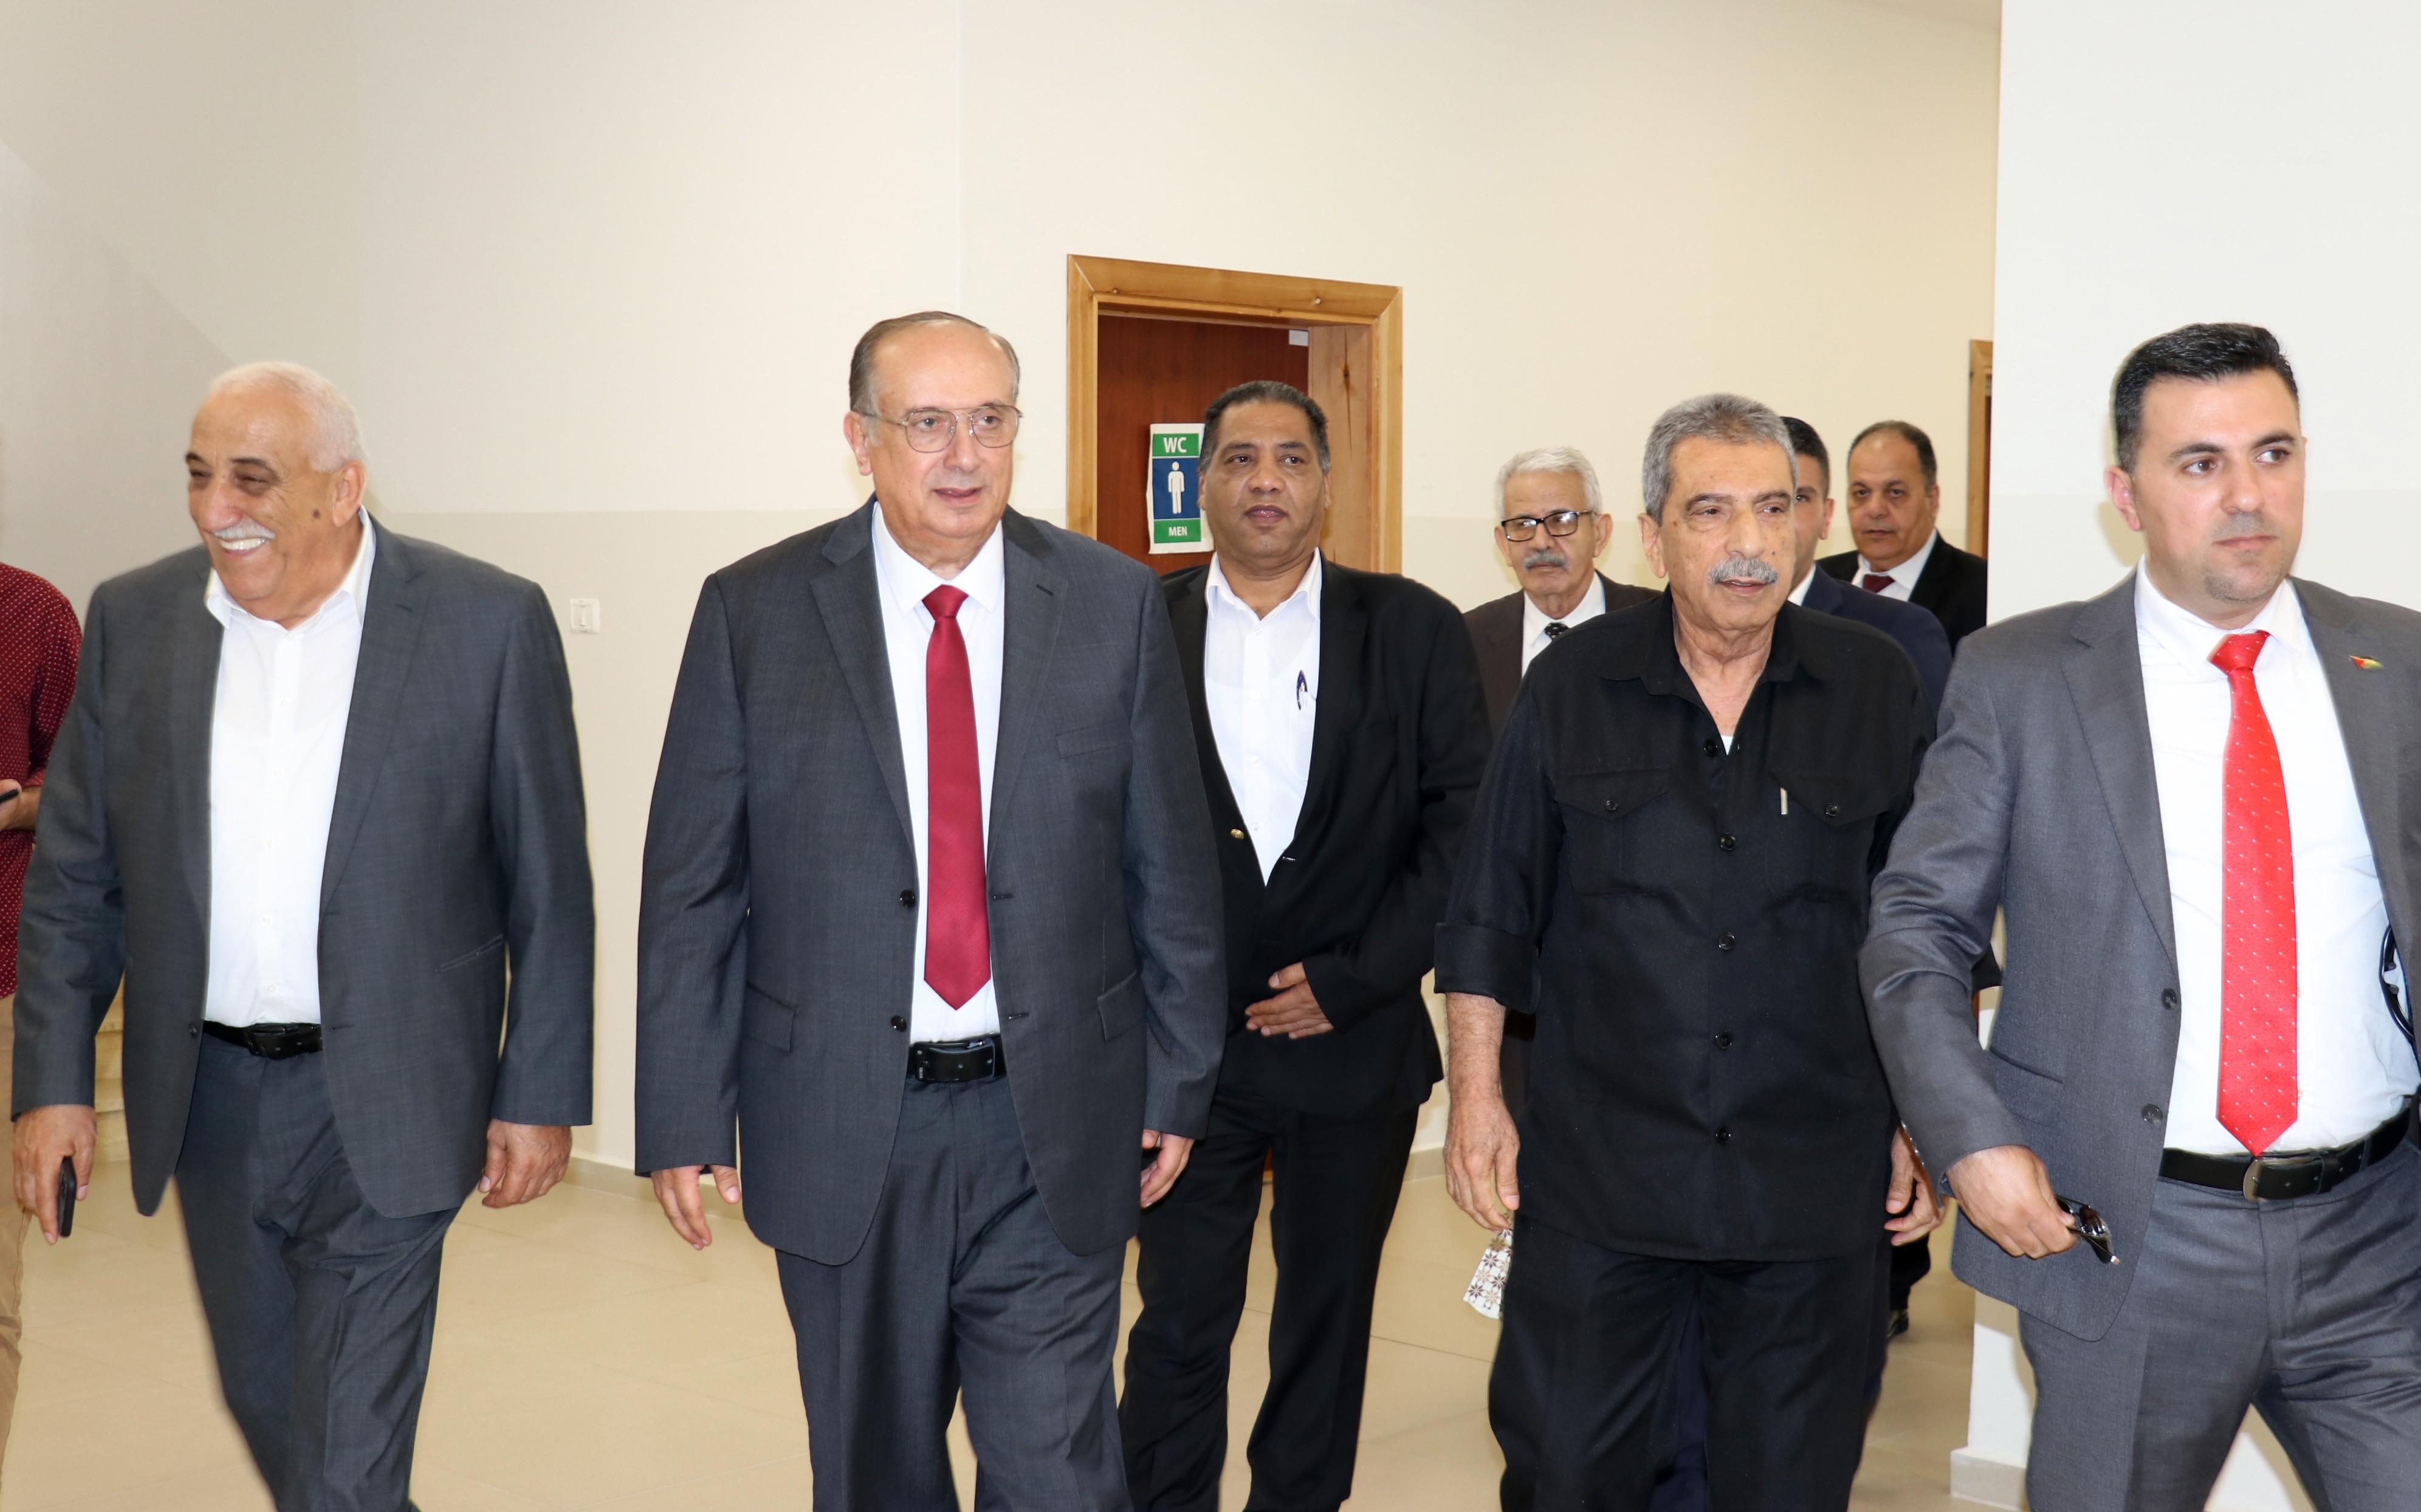 أبو مويس والطيراوي يفتتحان كلية صائب عريقات للدراسات العليا والبحث العلمي في جامعة الاستقلال بأريحا (6).JPG